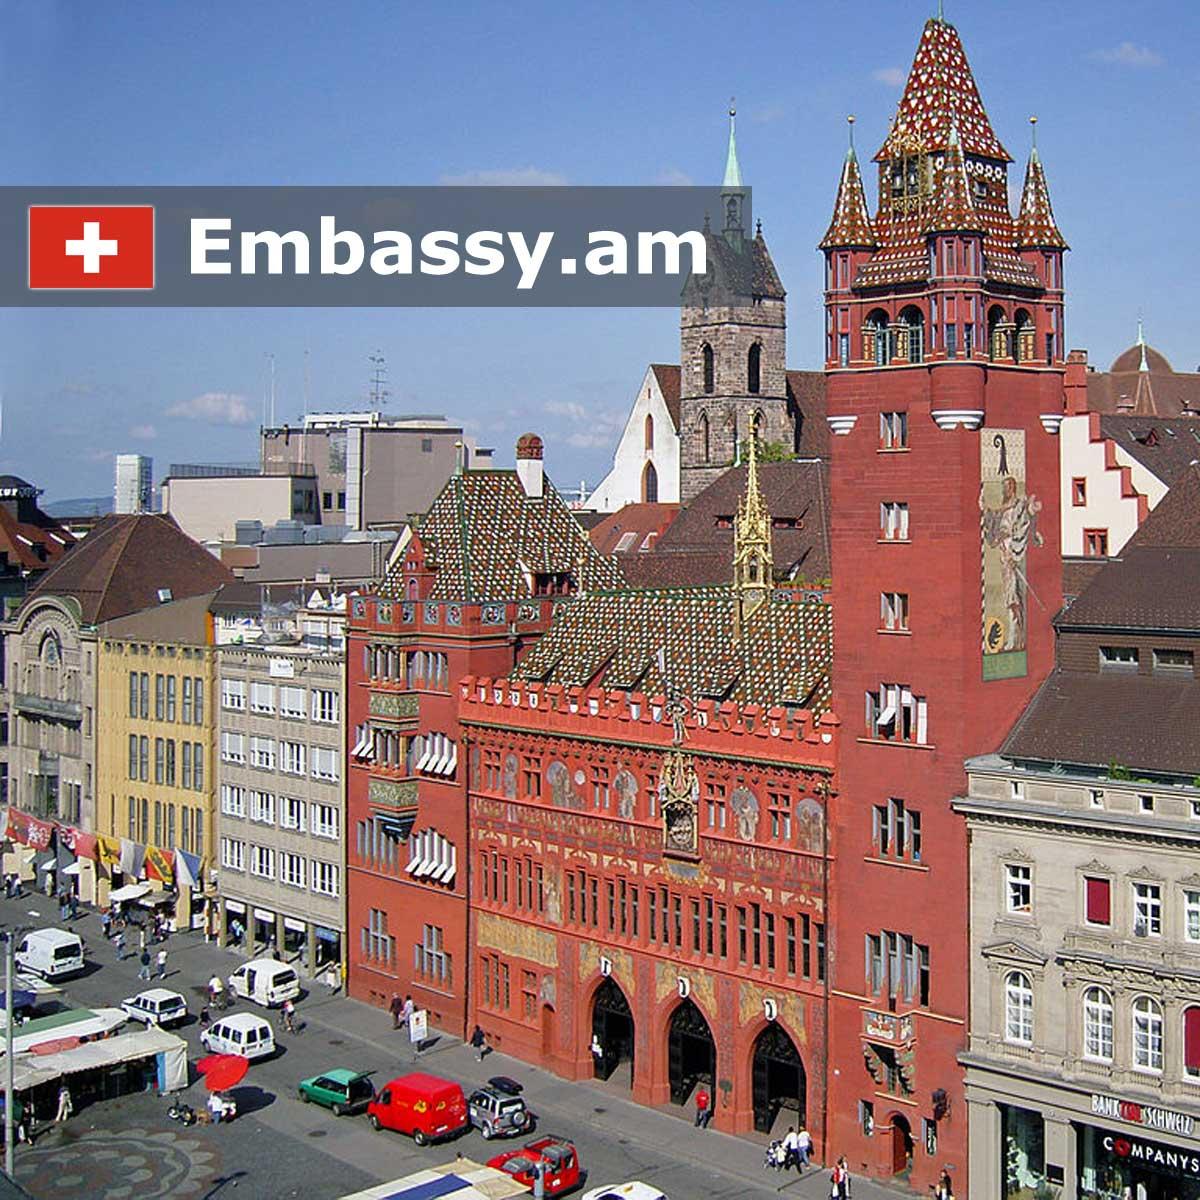 Basel - Hotels in Switzerland - Embassy.am